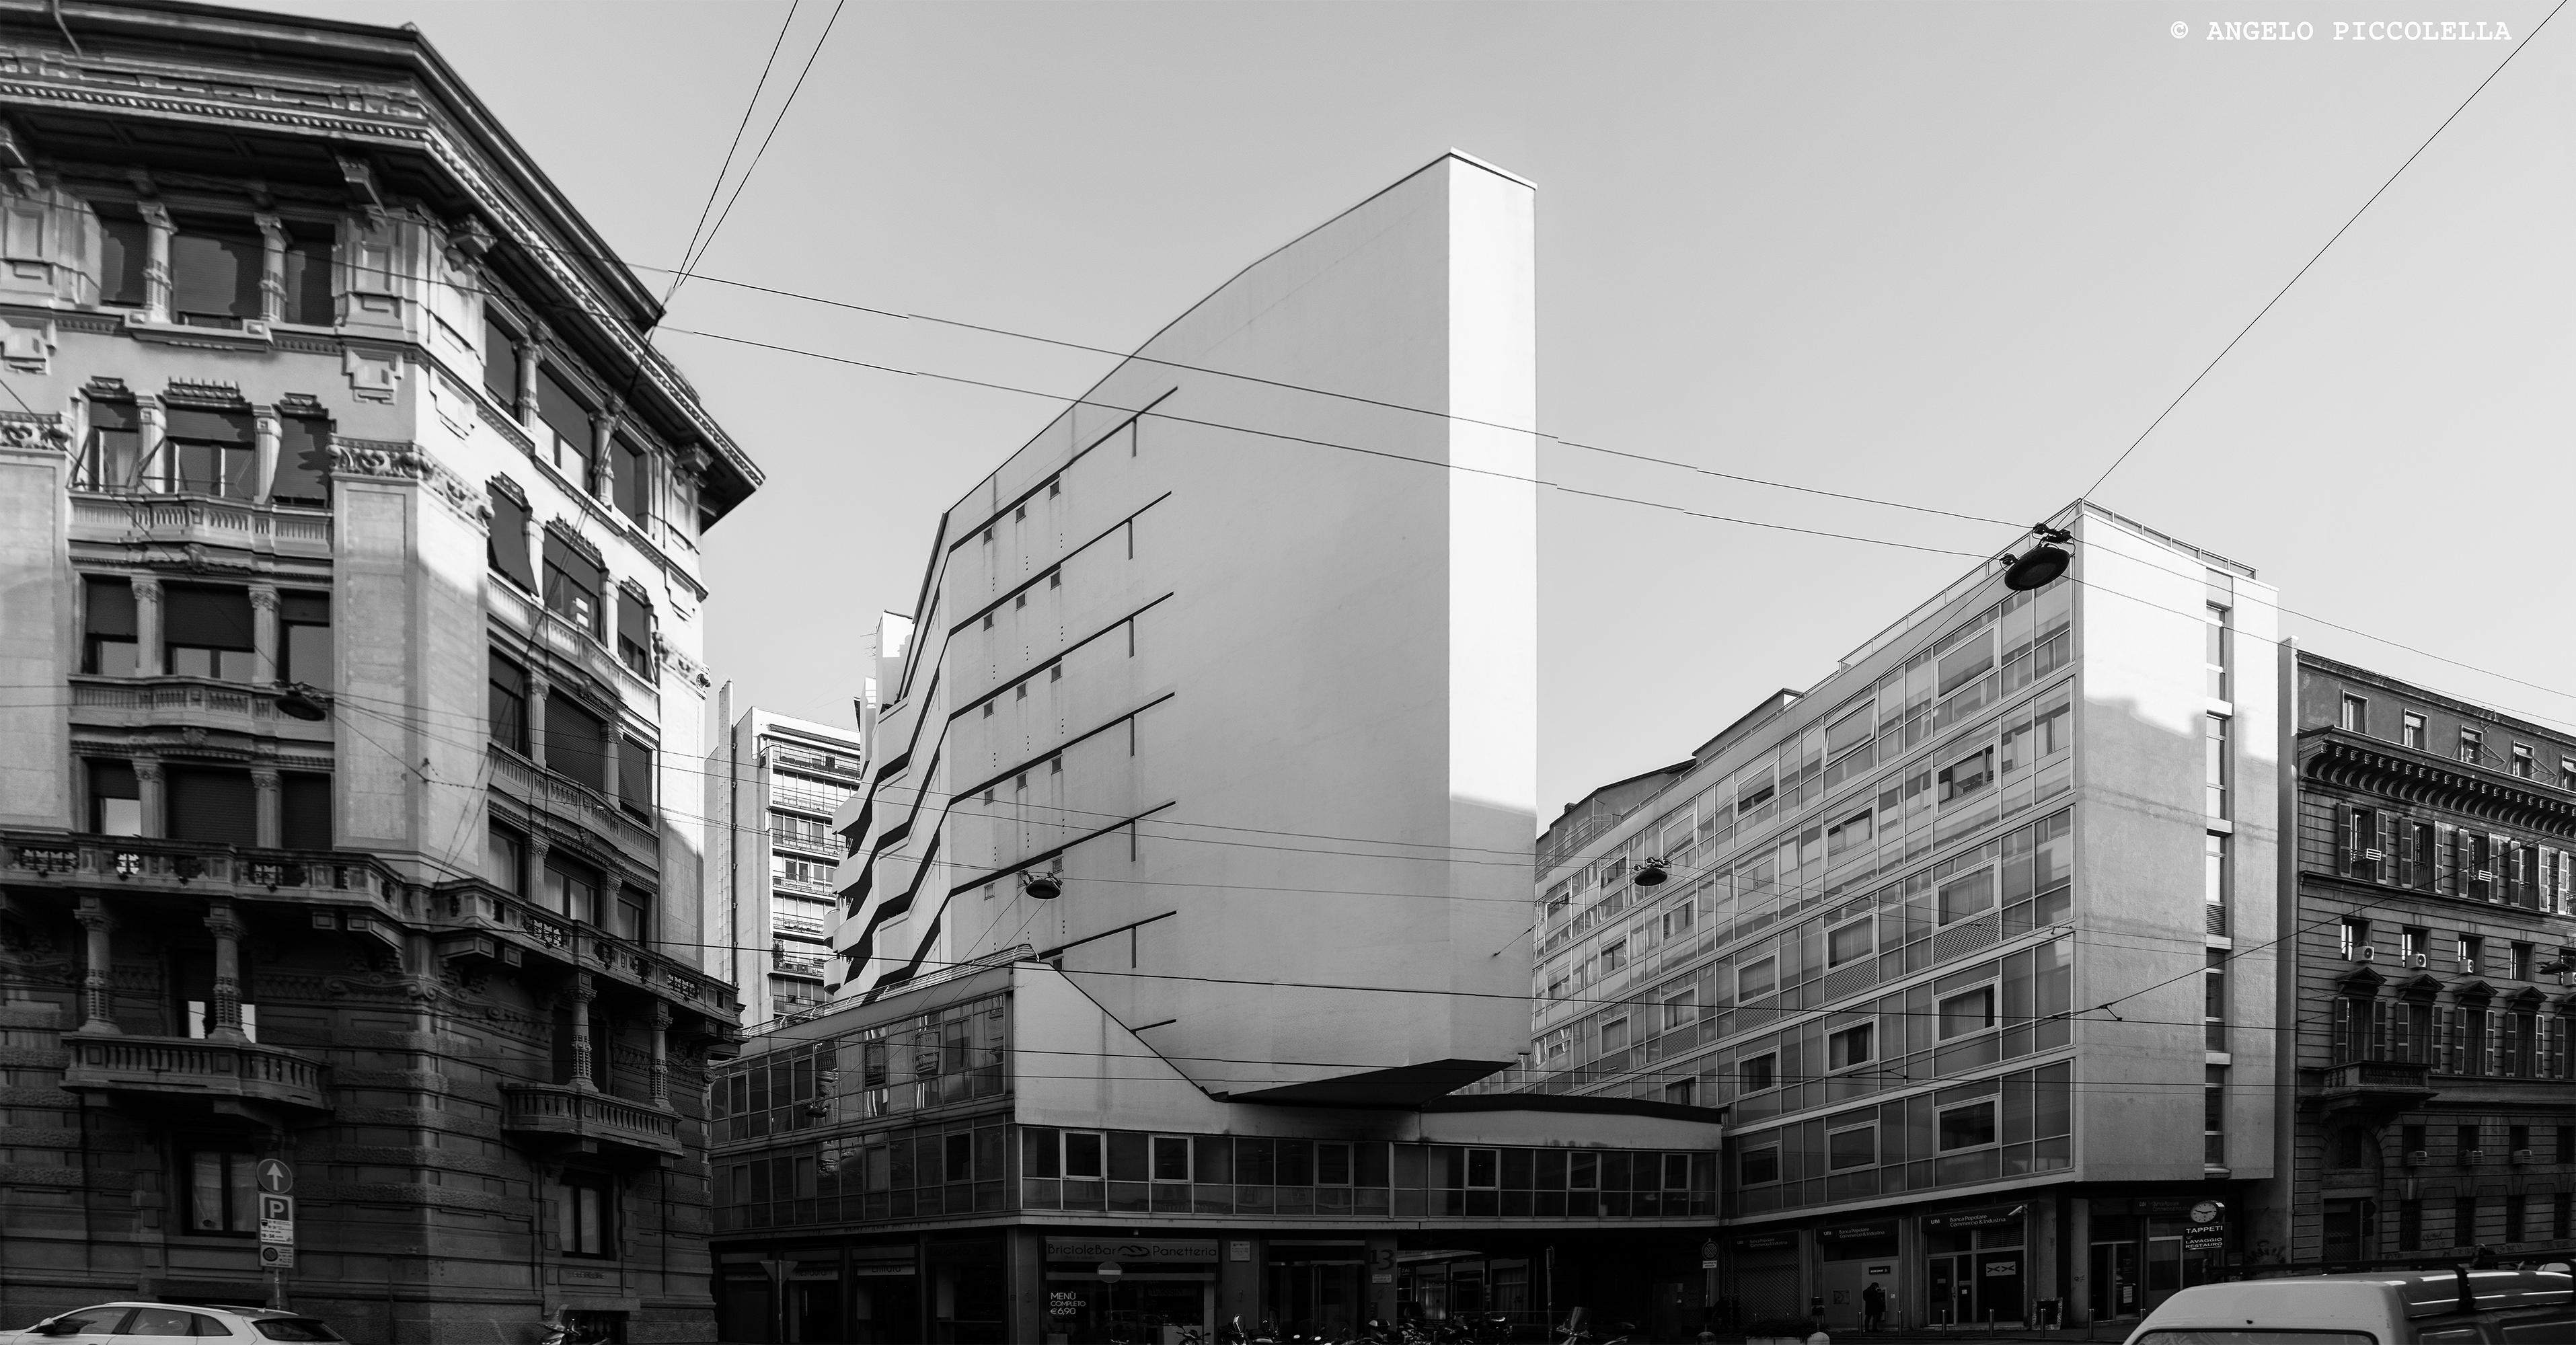 Complesso per abitazioni e uffici in corso italia archidiap for Corso di arredatore d interni roma